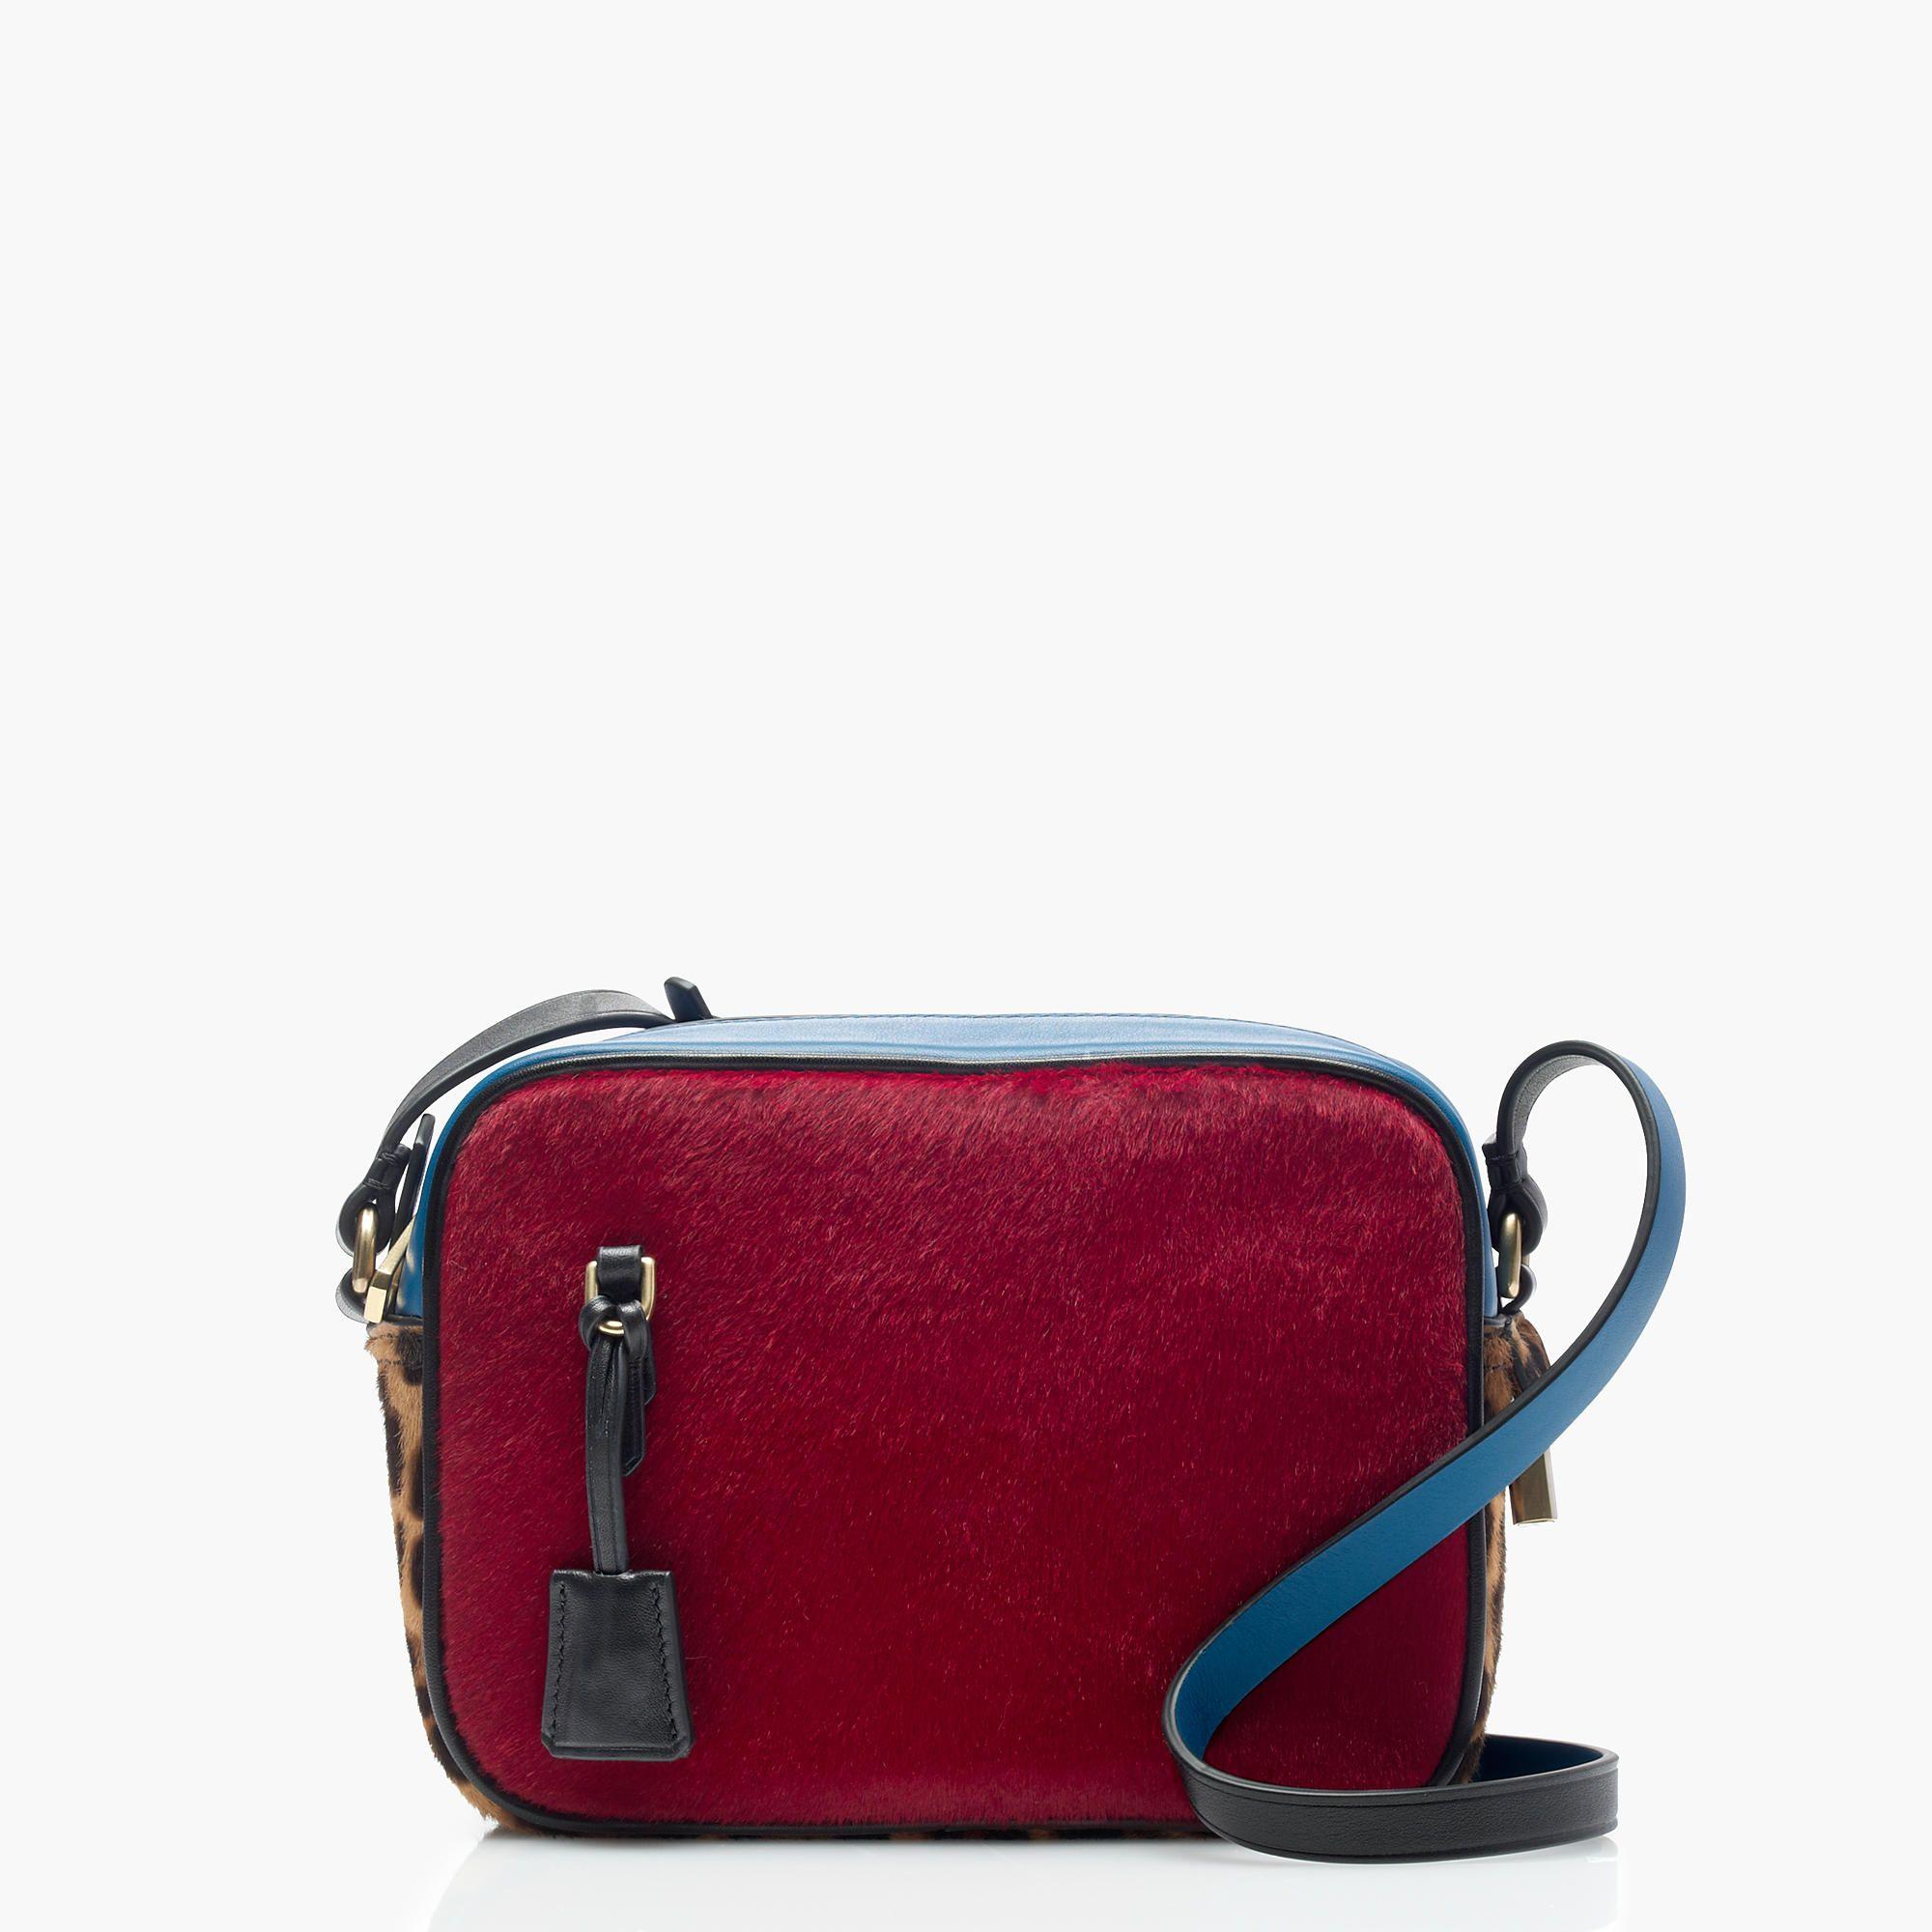 J.Crew - Signet bag in colorblock Italian calf hair